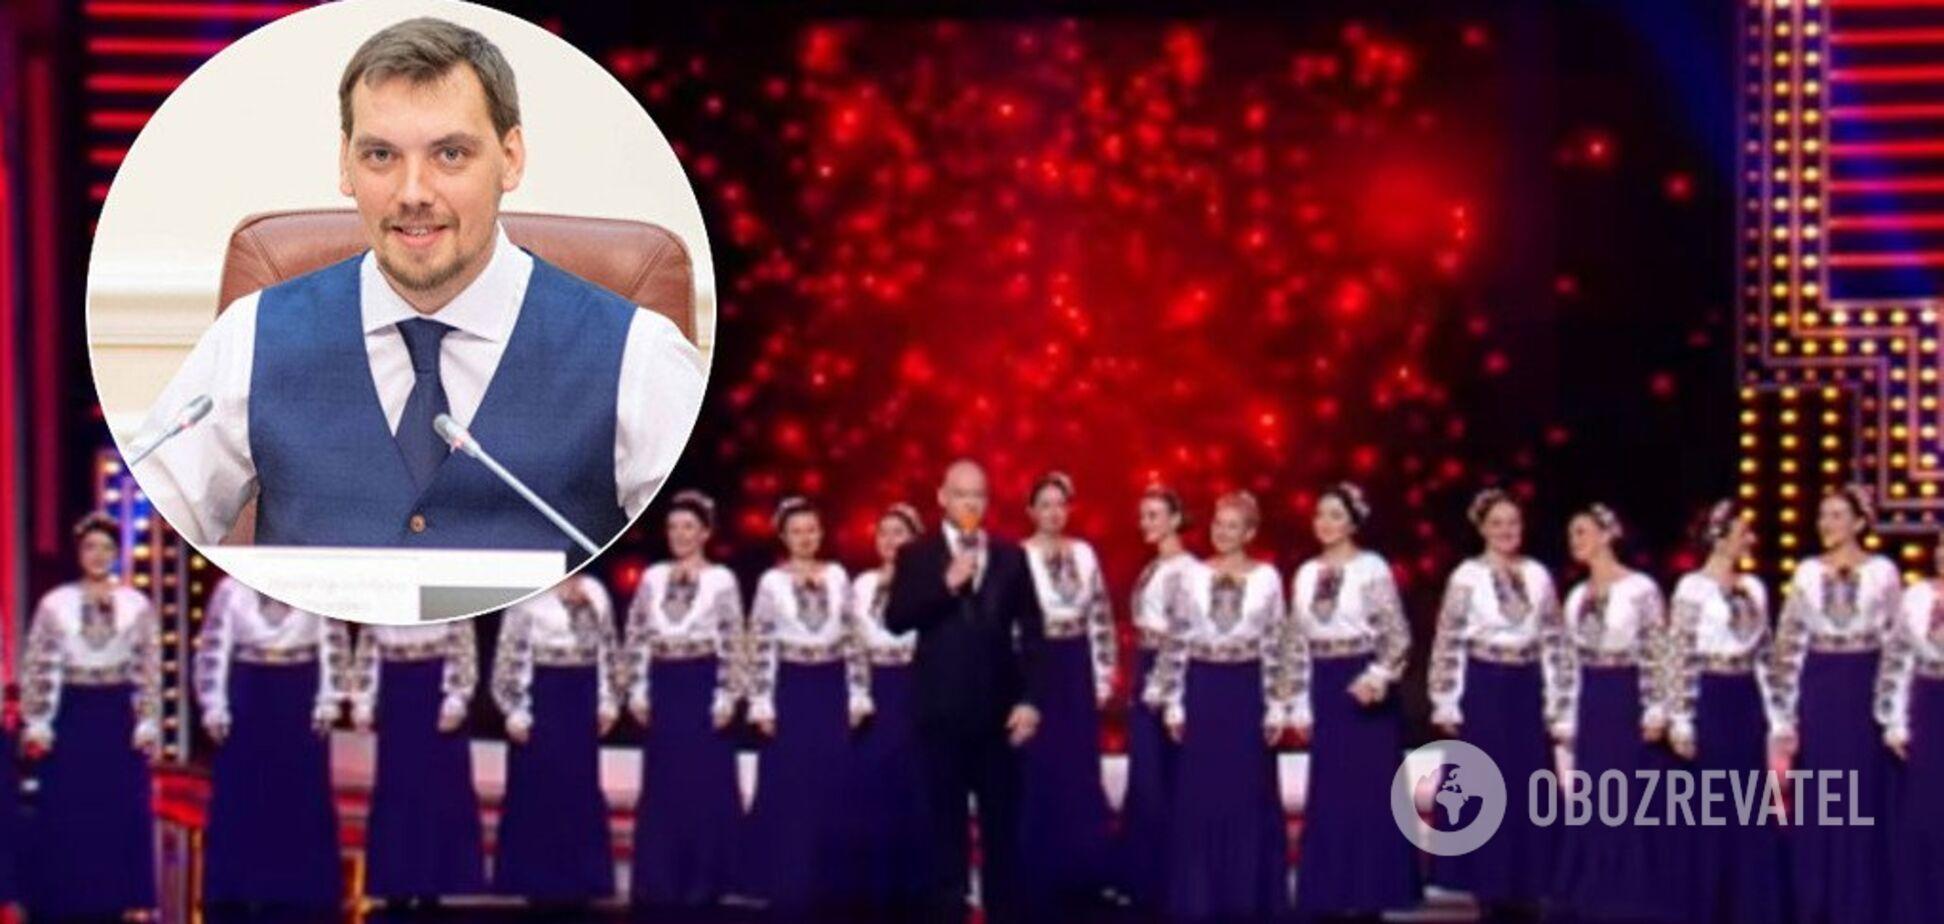 Скандал с 'Кварталом 95' и хором Веревки: Гончарук сделал заявление